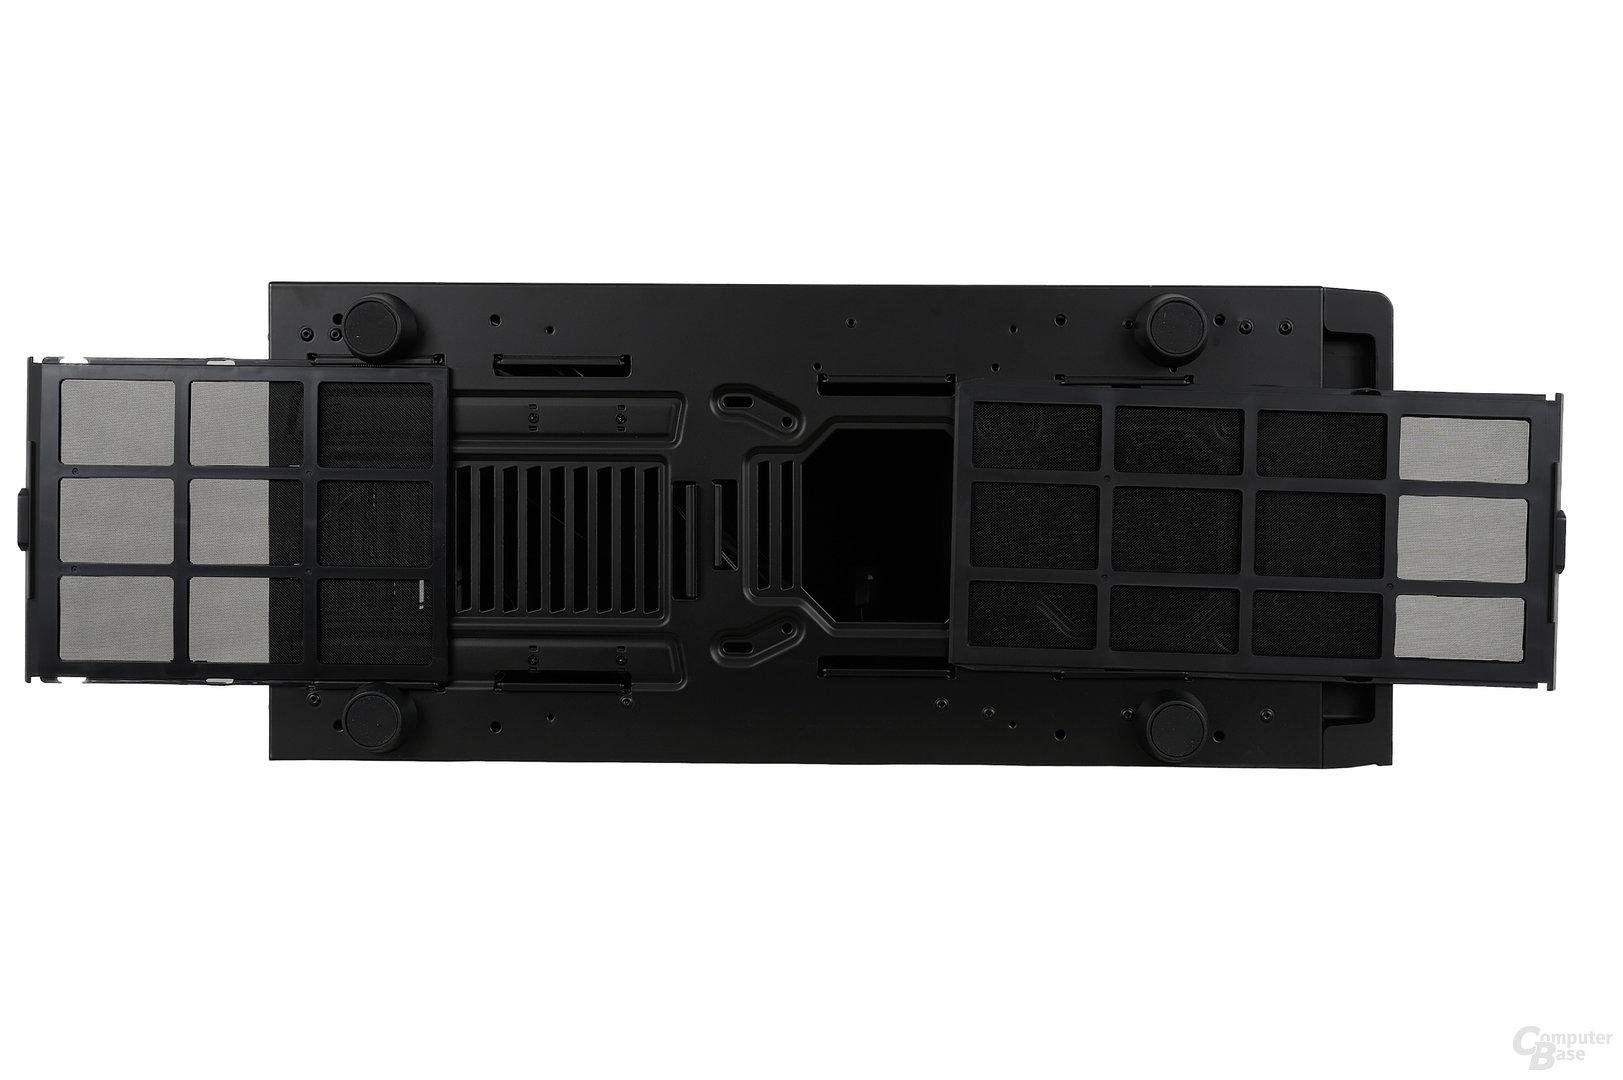 NZXT H630 - Staubfilter ausbauen